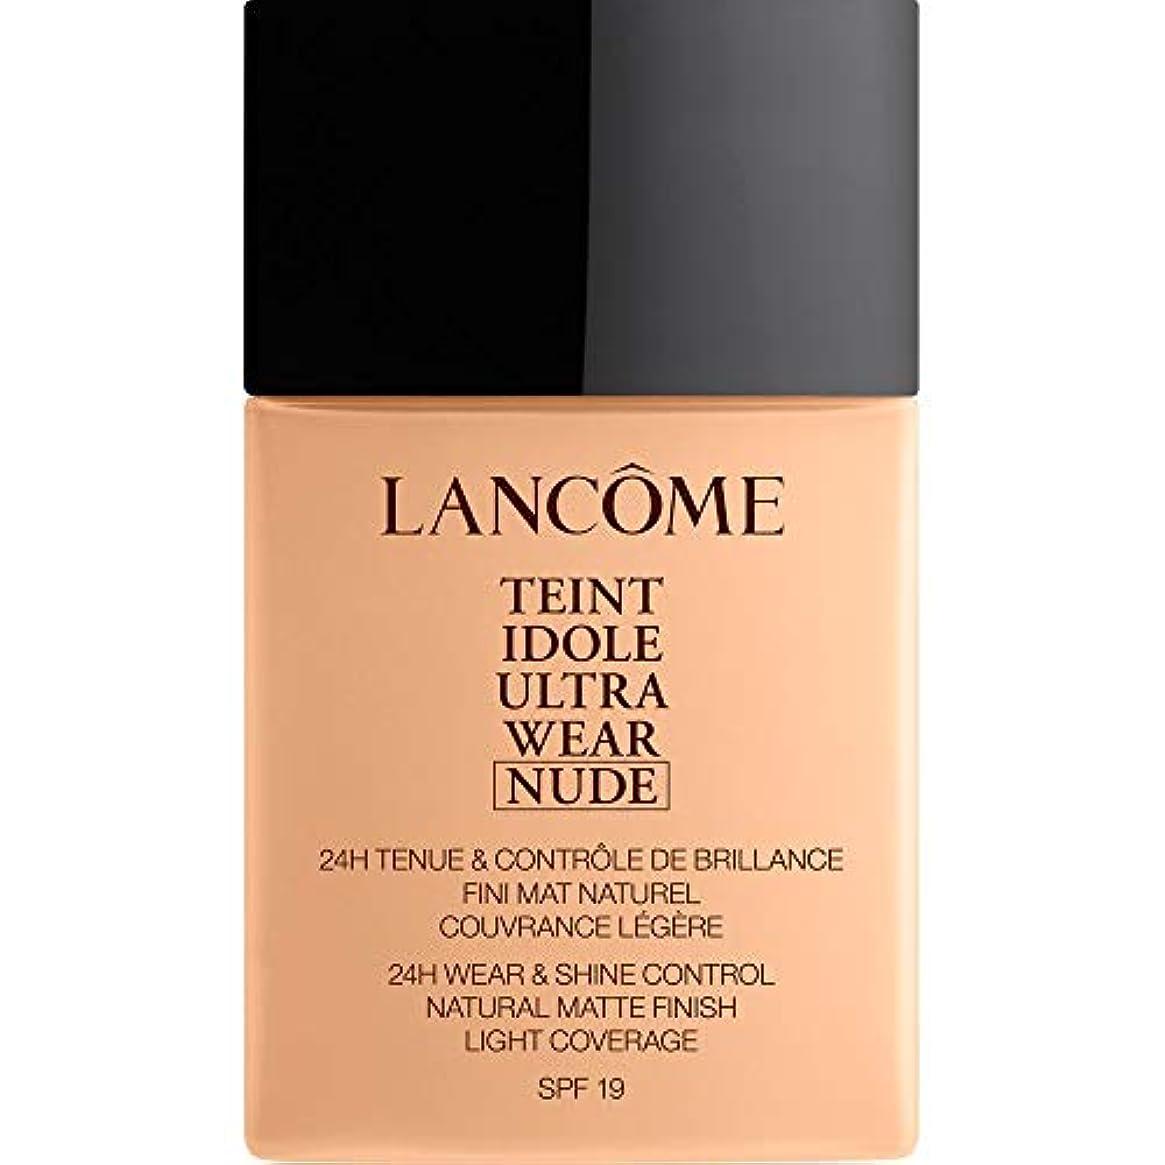 レンディションなる興味[Lanc?me ] ランコムTeintのIdole超摩耗ヌード財団Spf19の40ミリリットル025 - ベージュLin - Lancome Teint Idole Ultra Wear Nude Foundation...